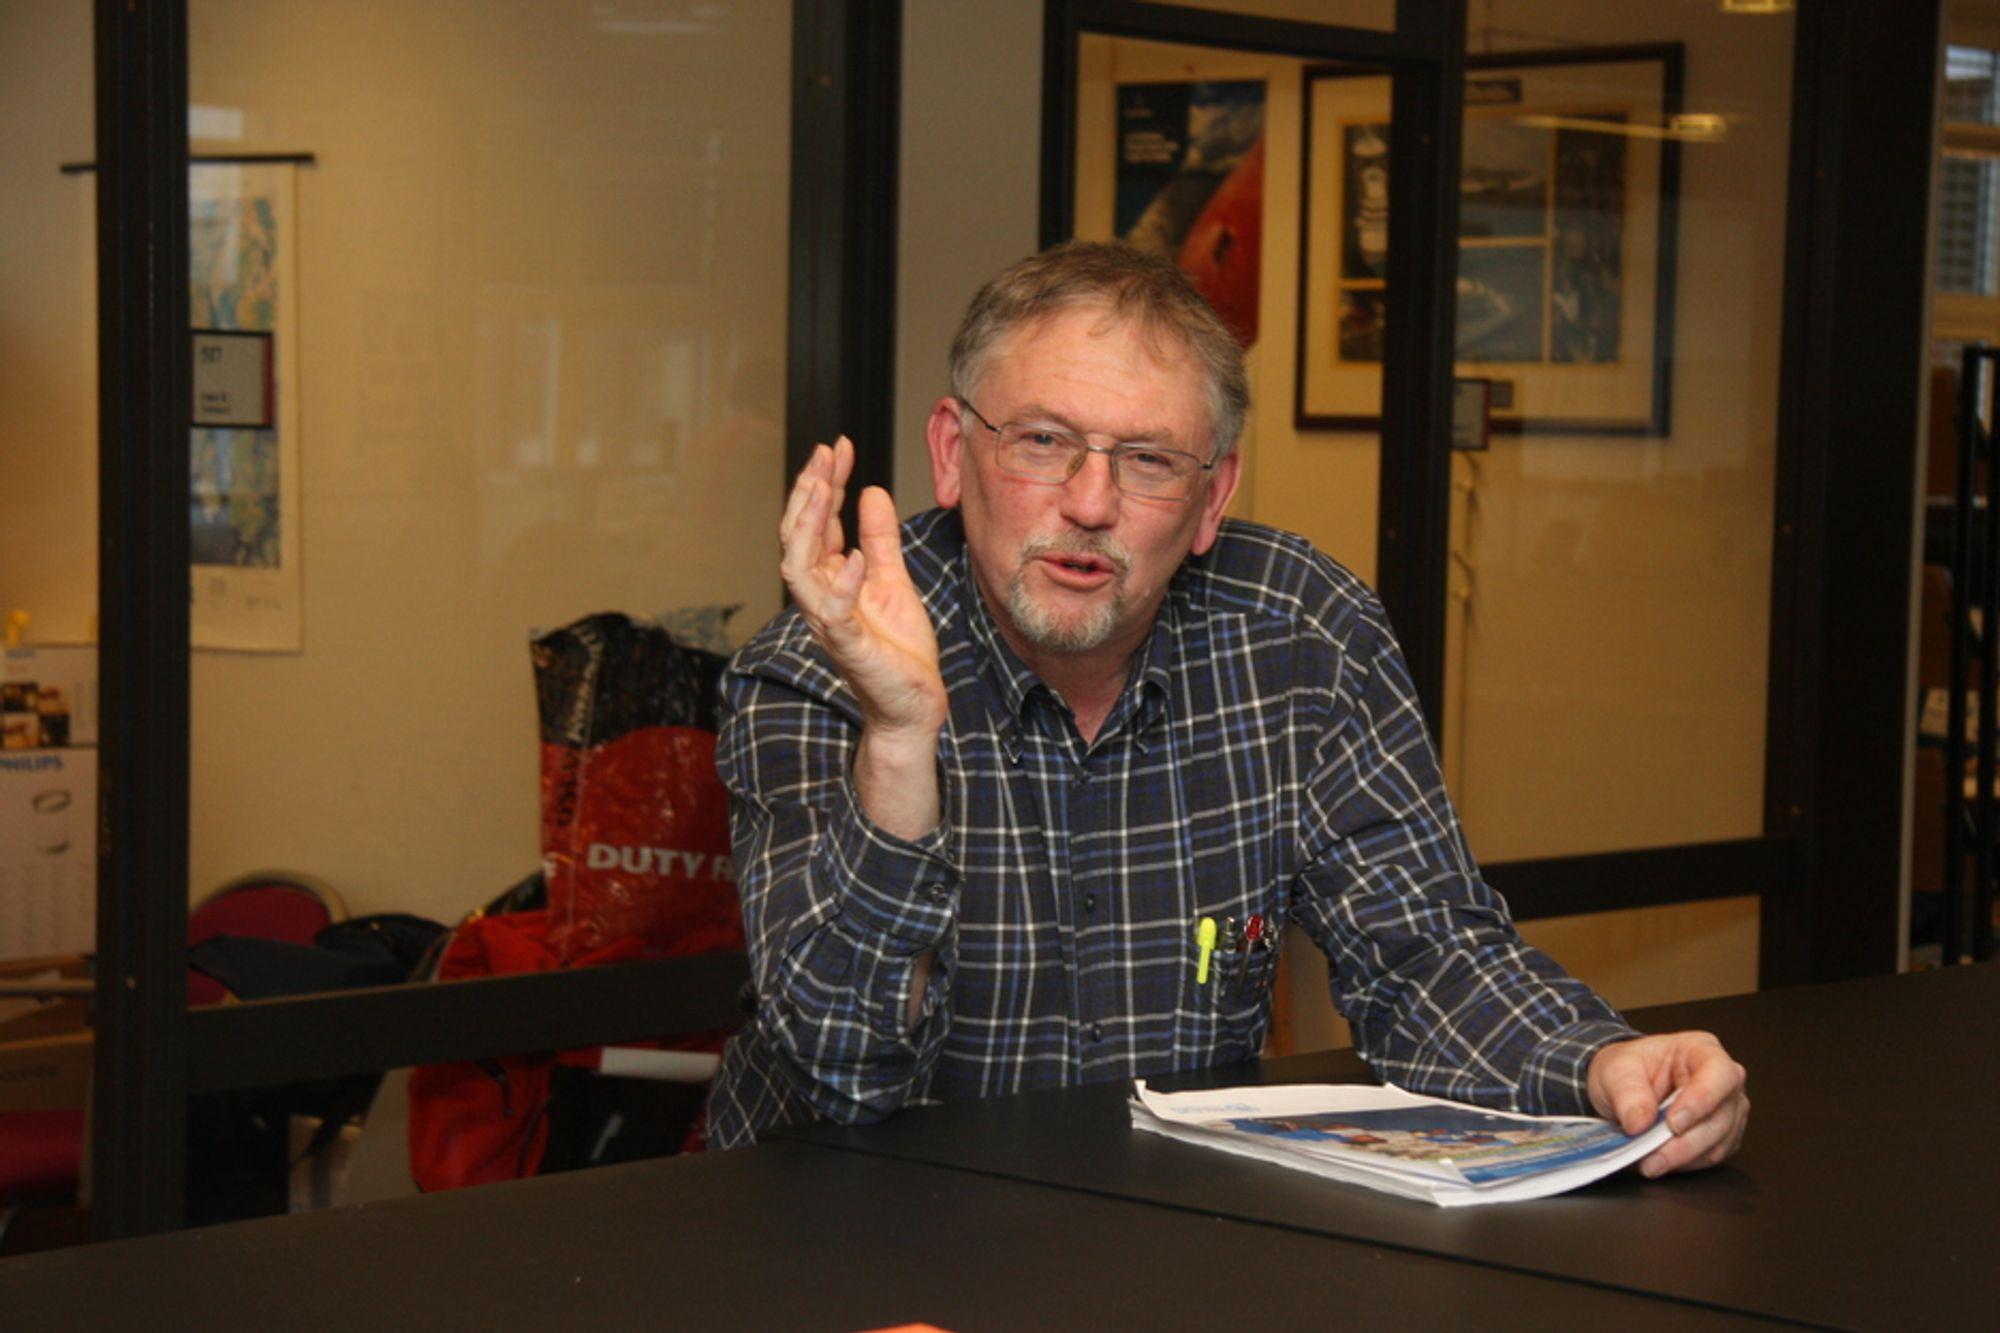 NEGLISJERT: Overlege Jan Vilhelm Bakke er bekymret over at helsekonsekvenser av regler og tiltak for energisparing i bygg sjelden eller aldri blir vurdert. Han mener påbud om konsekvensvurderinger blir neglisjert.